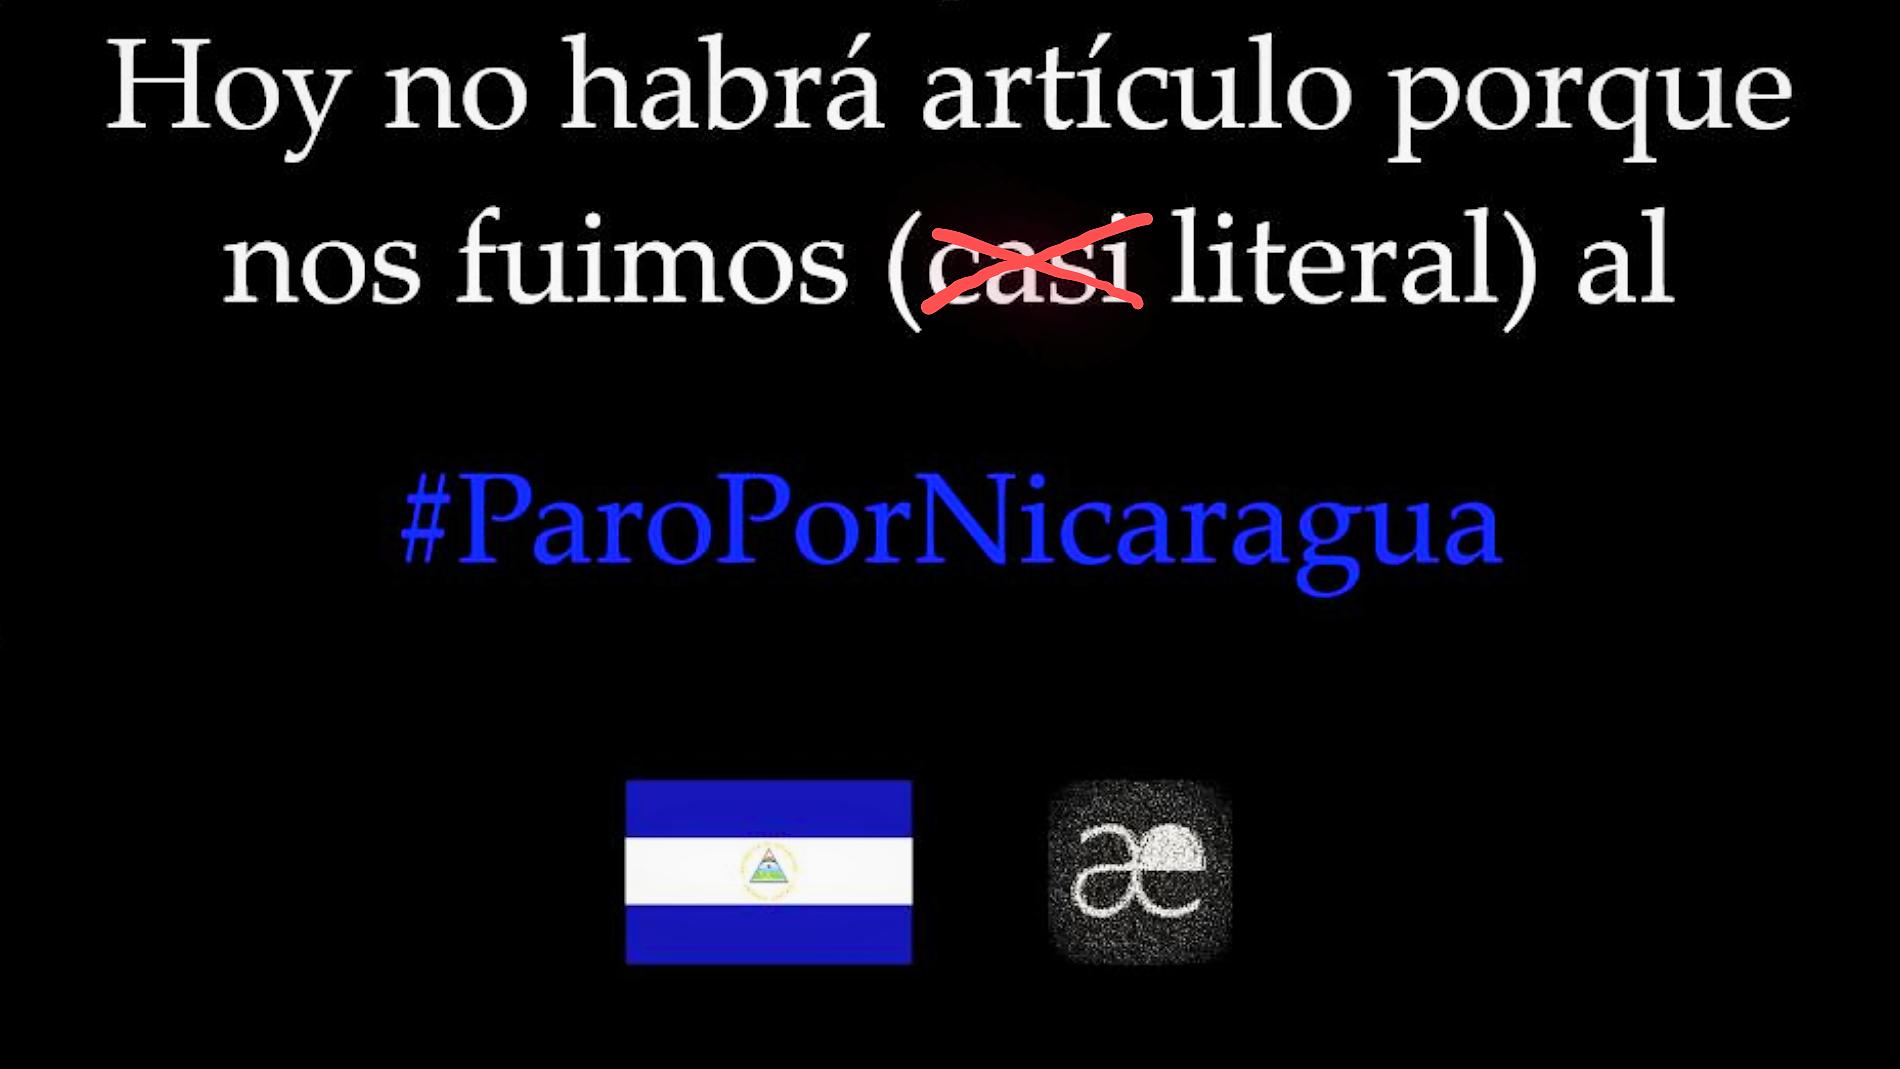 #ParoPorNicaragua